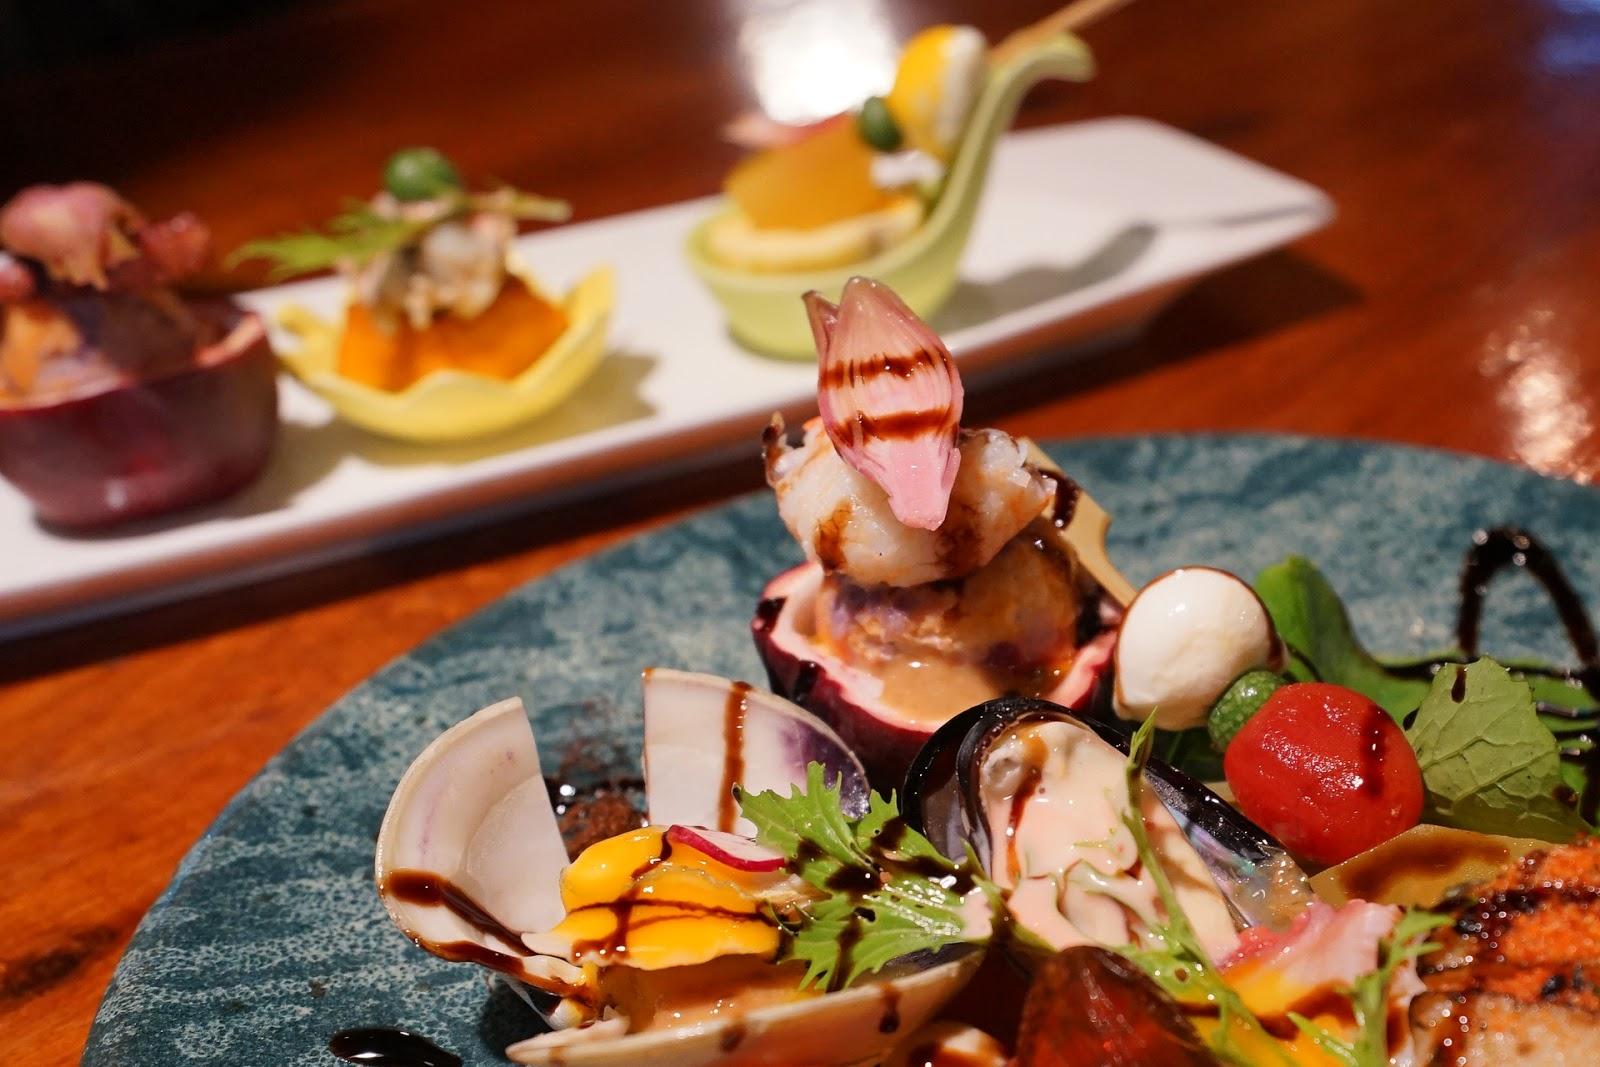 雕之森樹屋餐廳》南投無菜單料理 森林中的頂級饗宴!埔里美食推薦